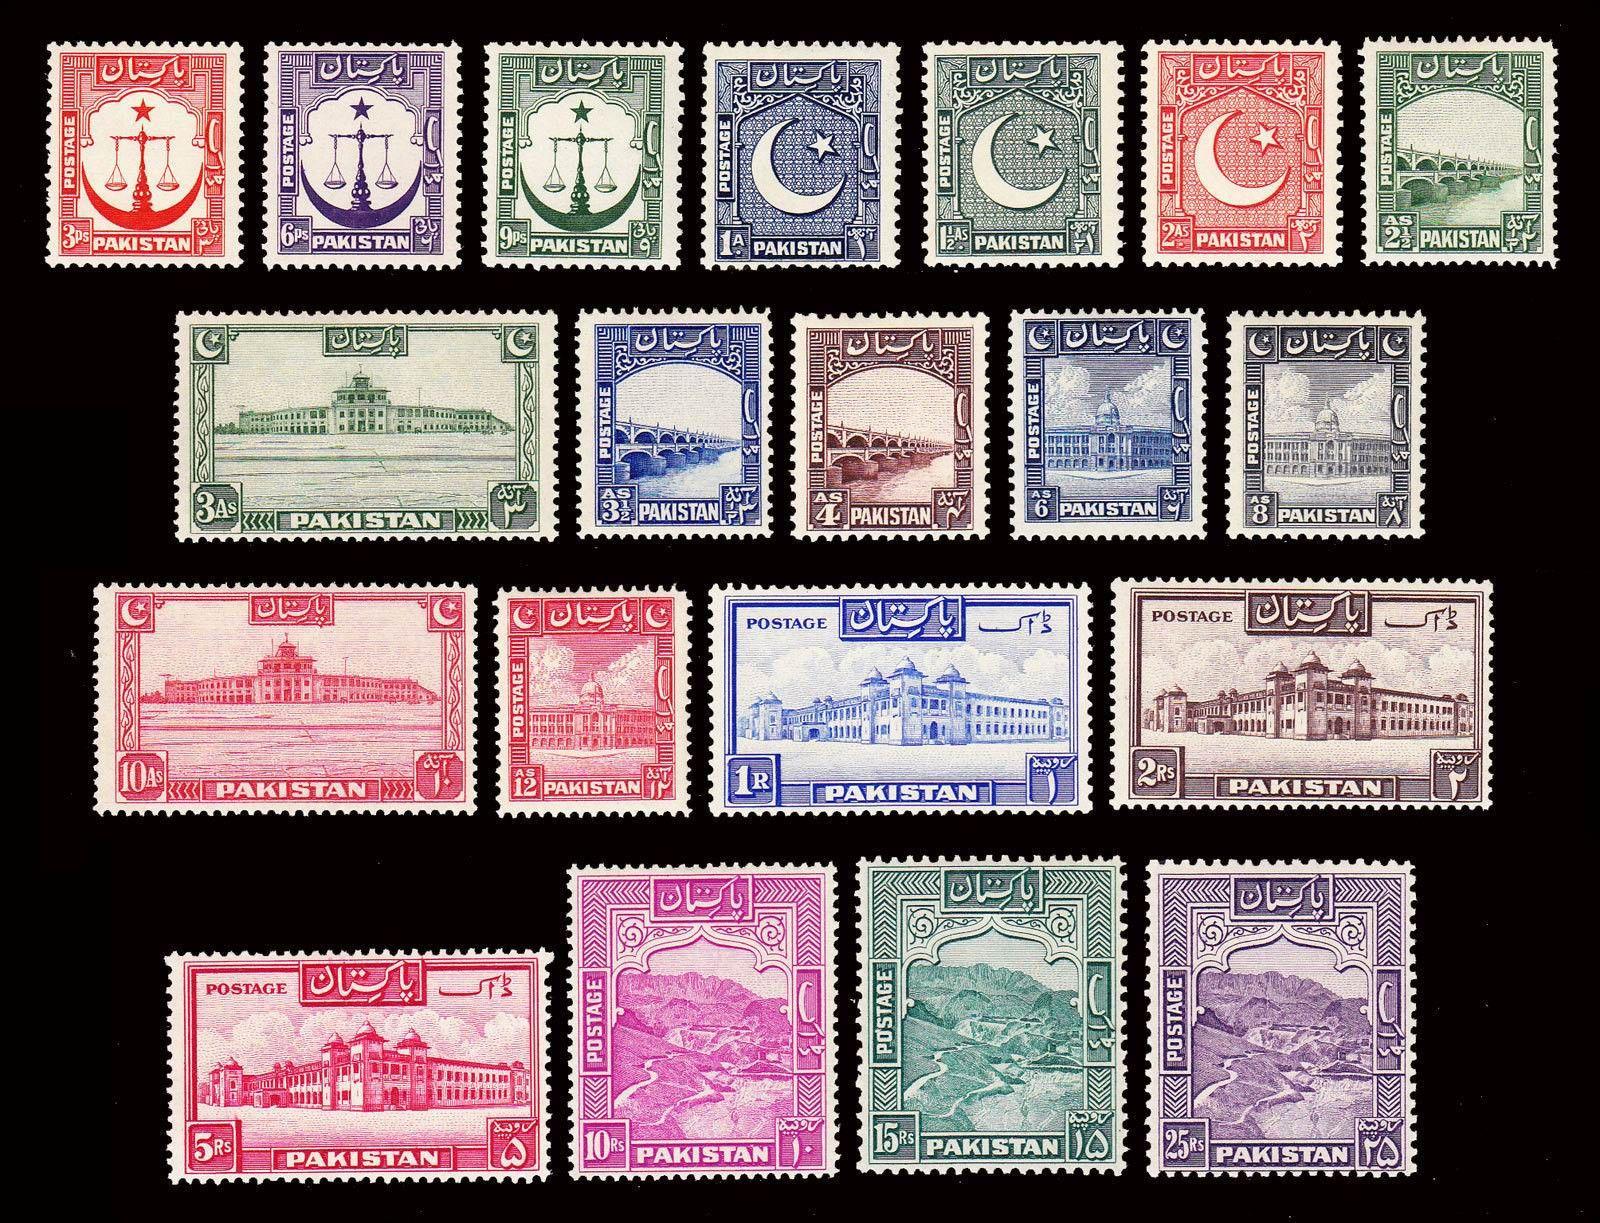 Estampillas De Pakistan Sellos Sellos Postales Filatelia